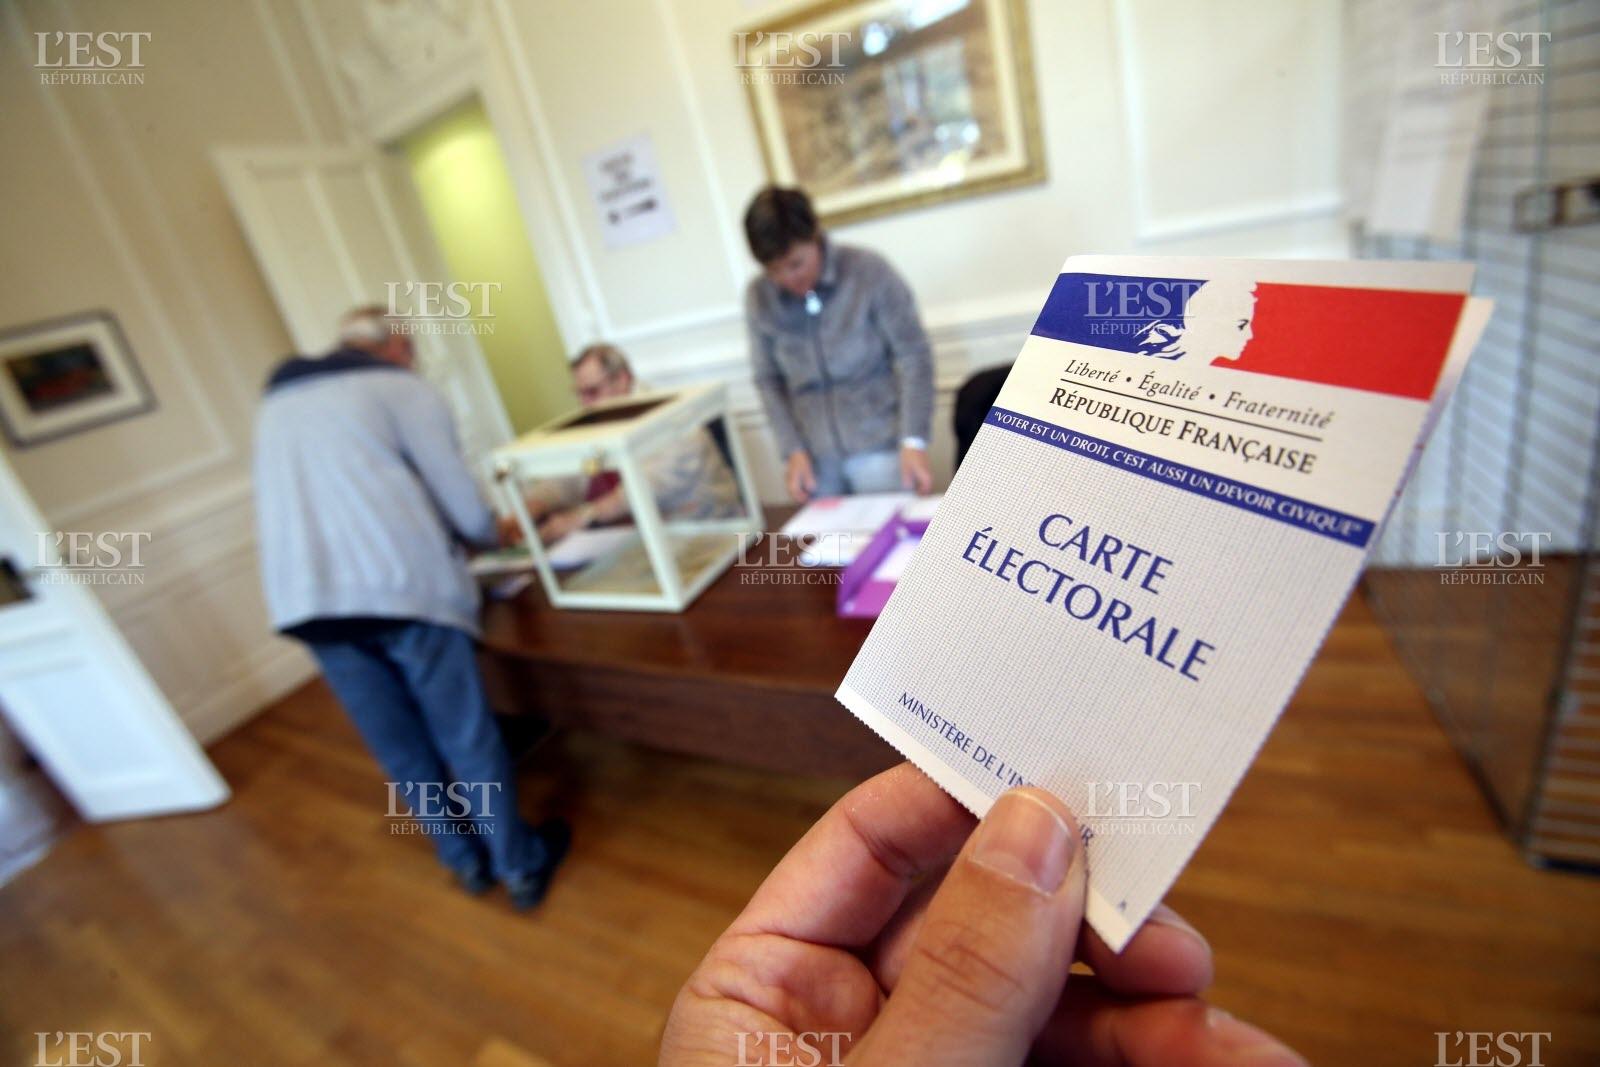 Bulletins de vote disparus, électeurs radiés : la présidentielle française a-t-elle été truquée ? | Le courrier du soir